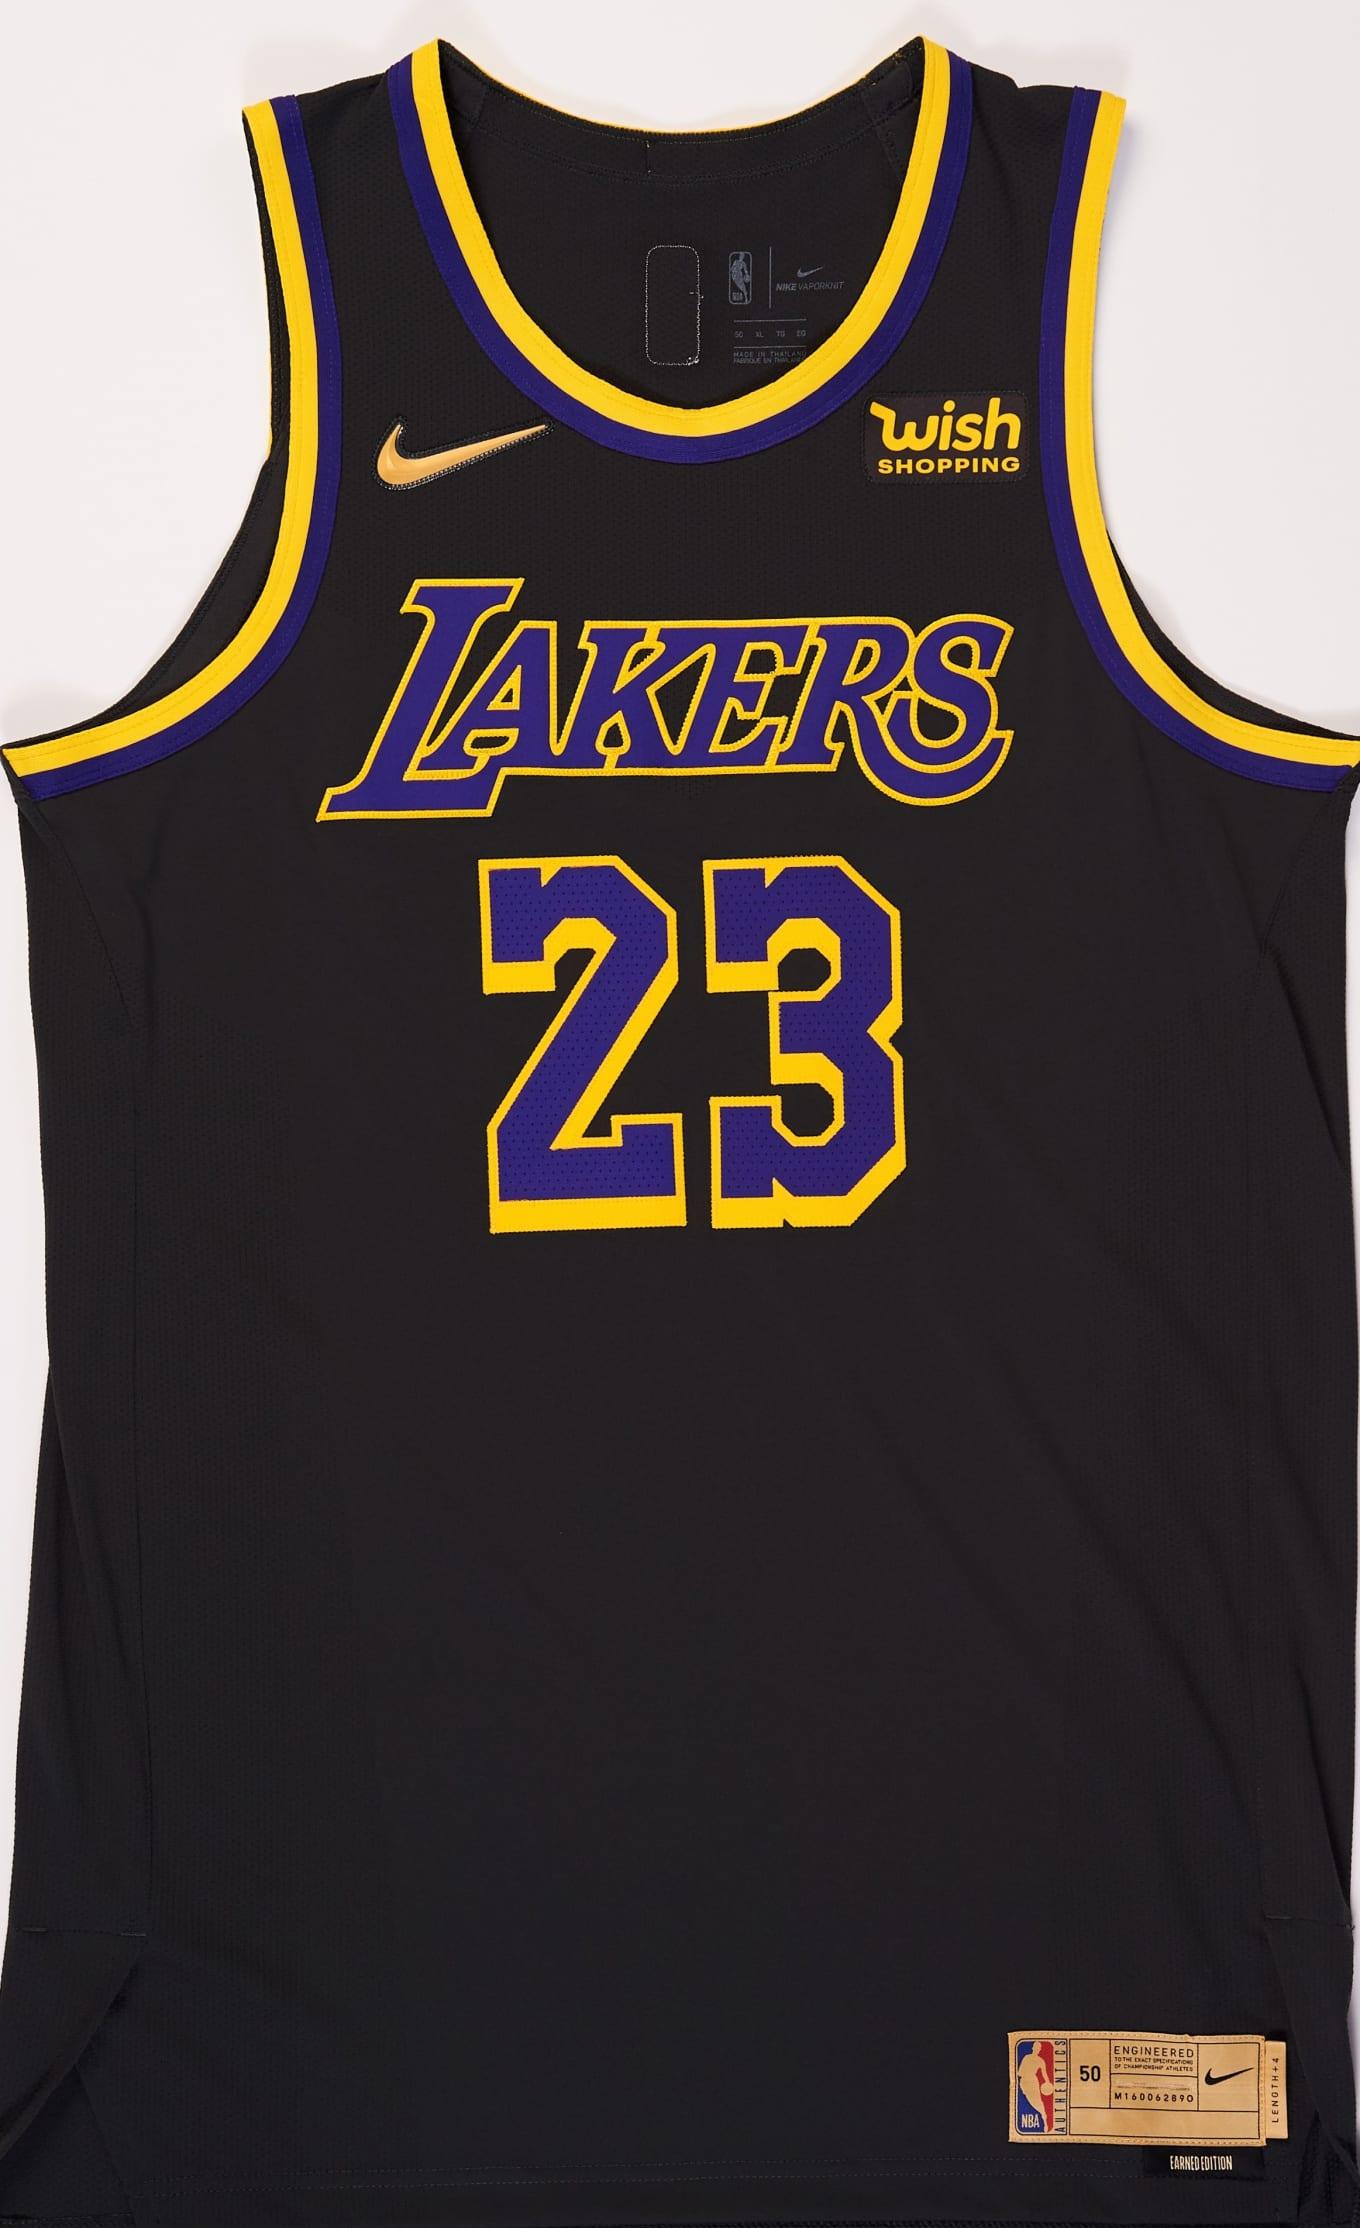 2020-21 Nike NBA 'Earned Edition' Jerseys Release Date   Sole ...